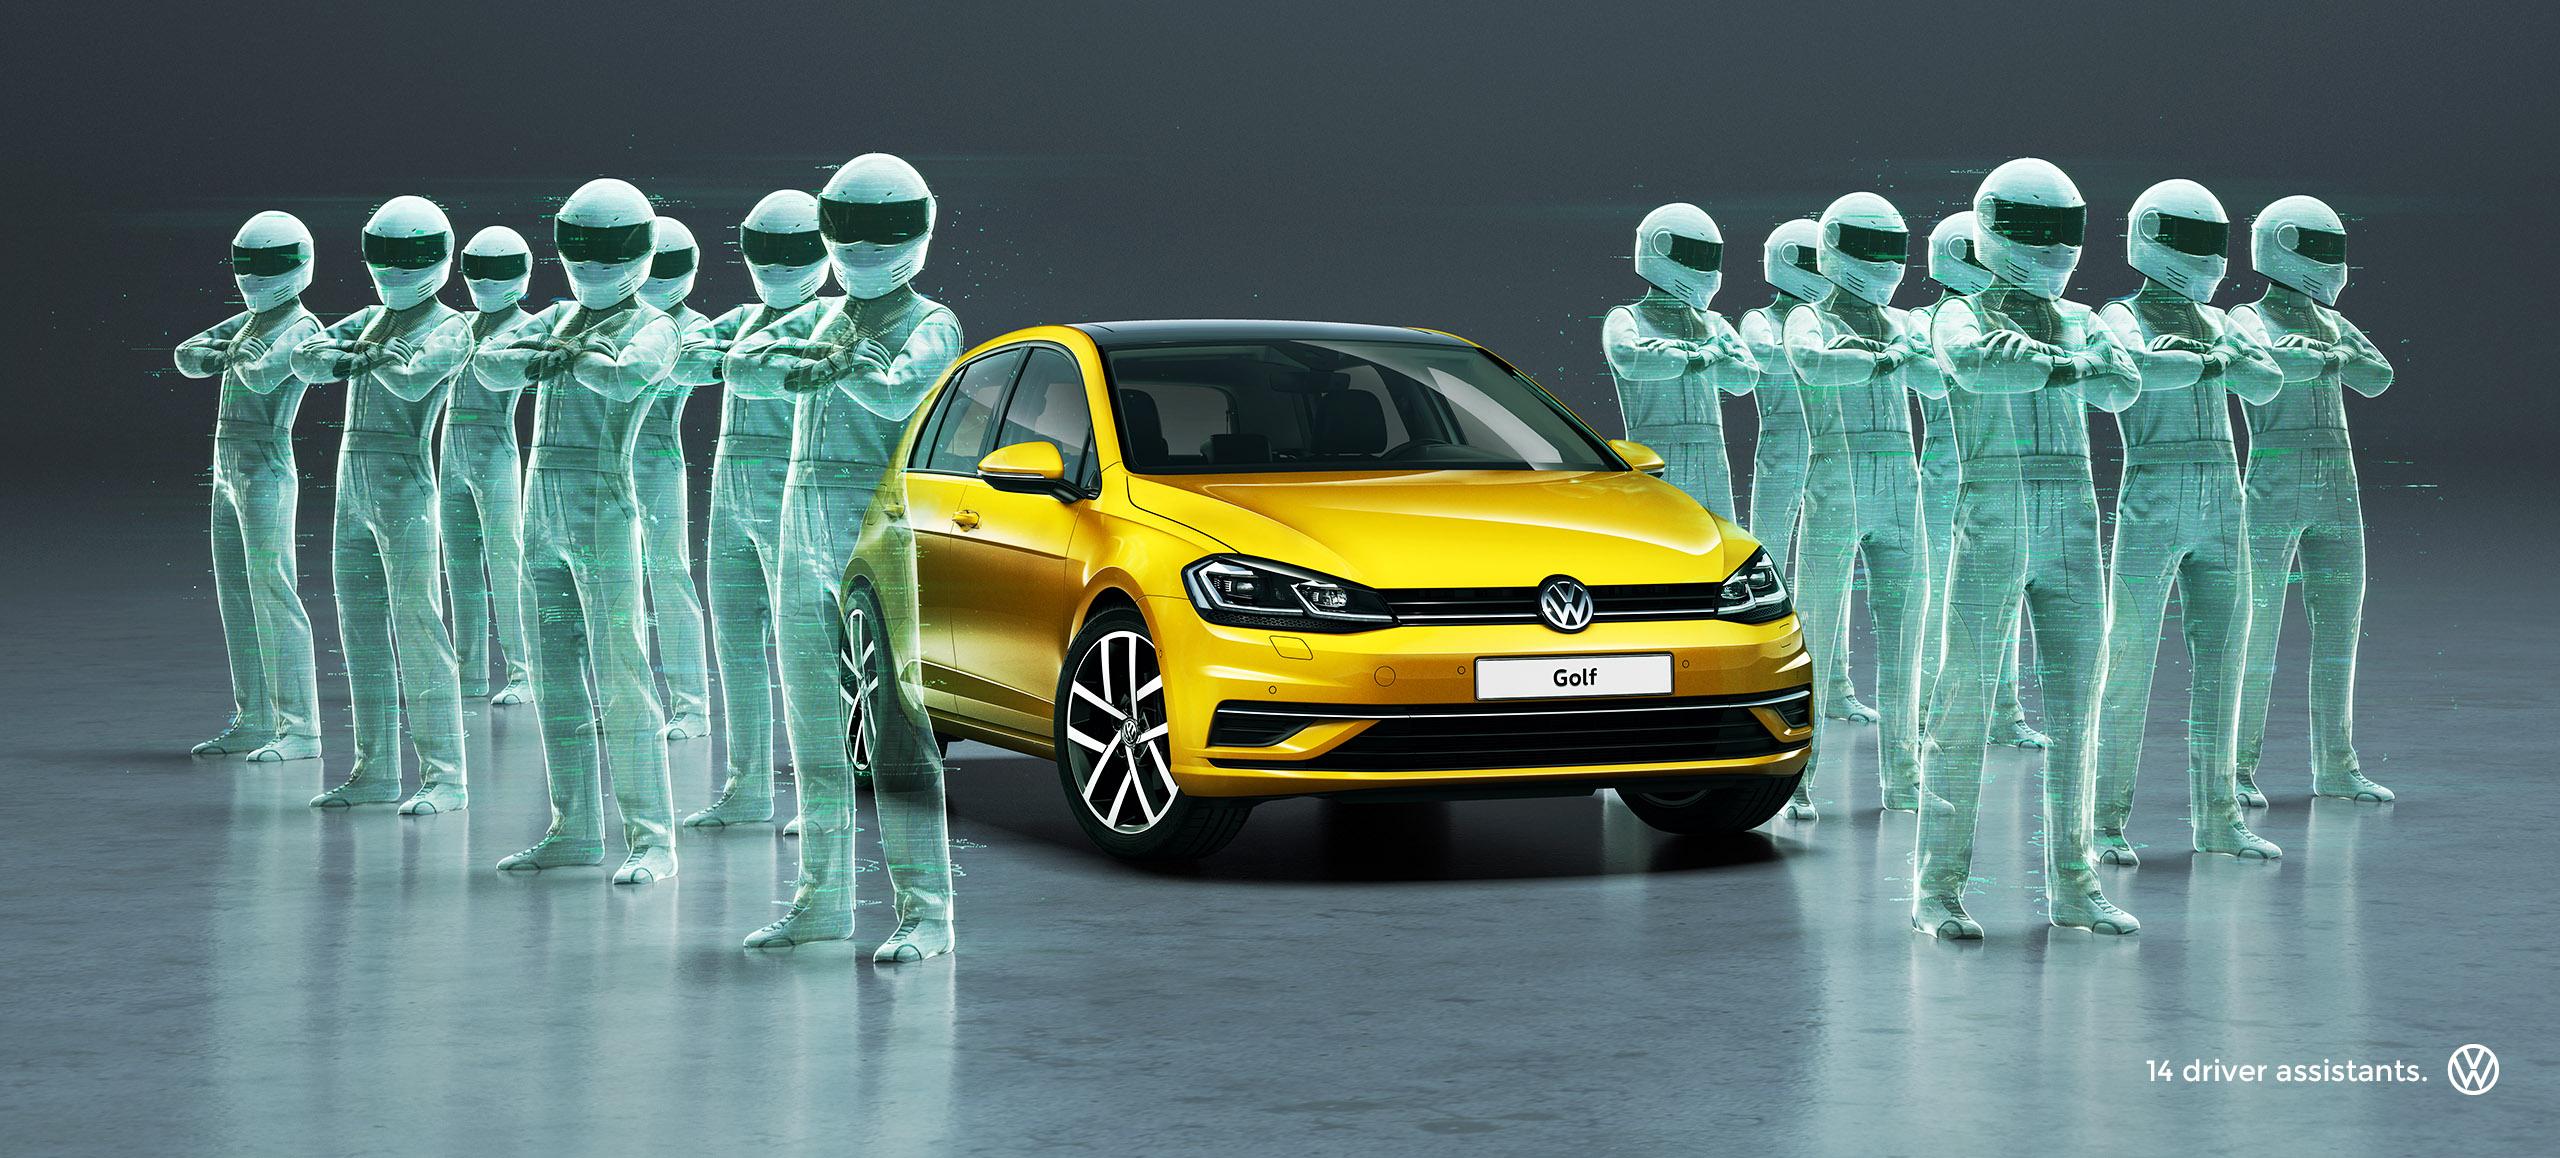 VW - 14 driver assistants